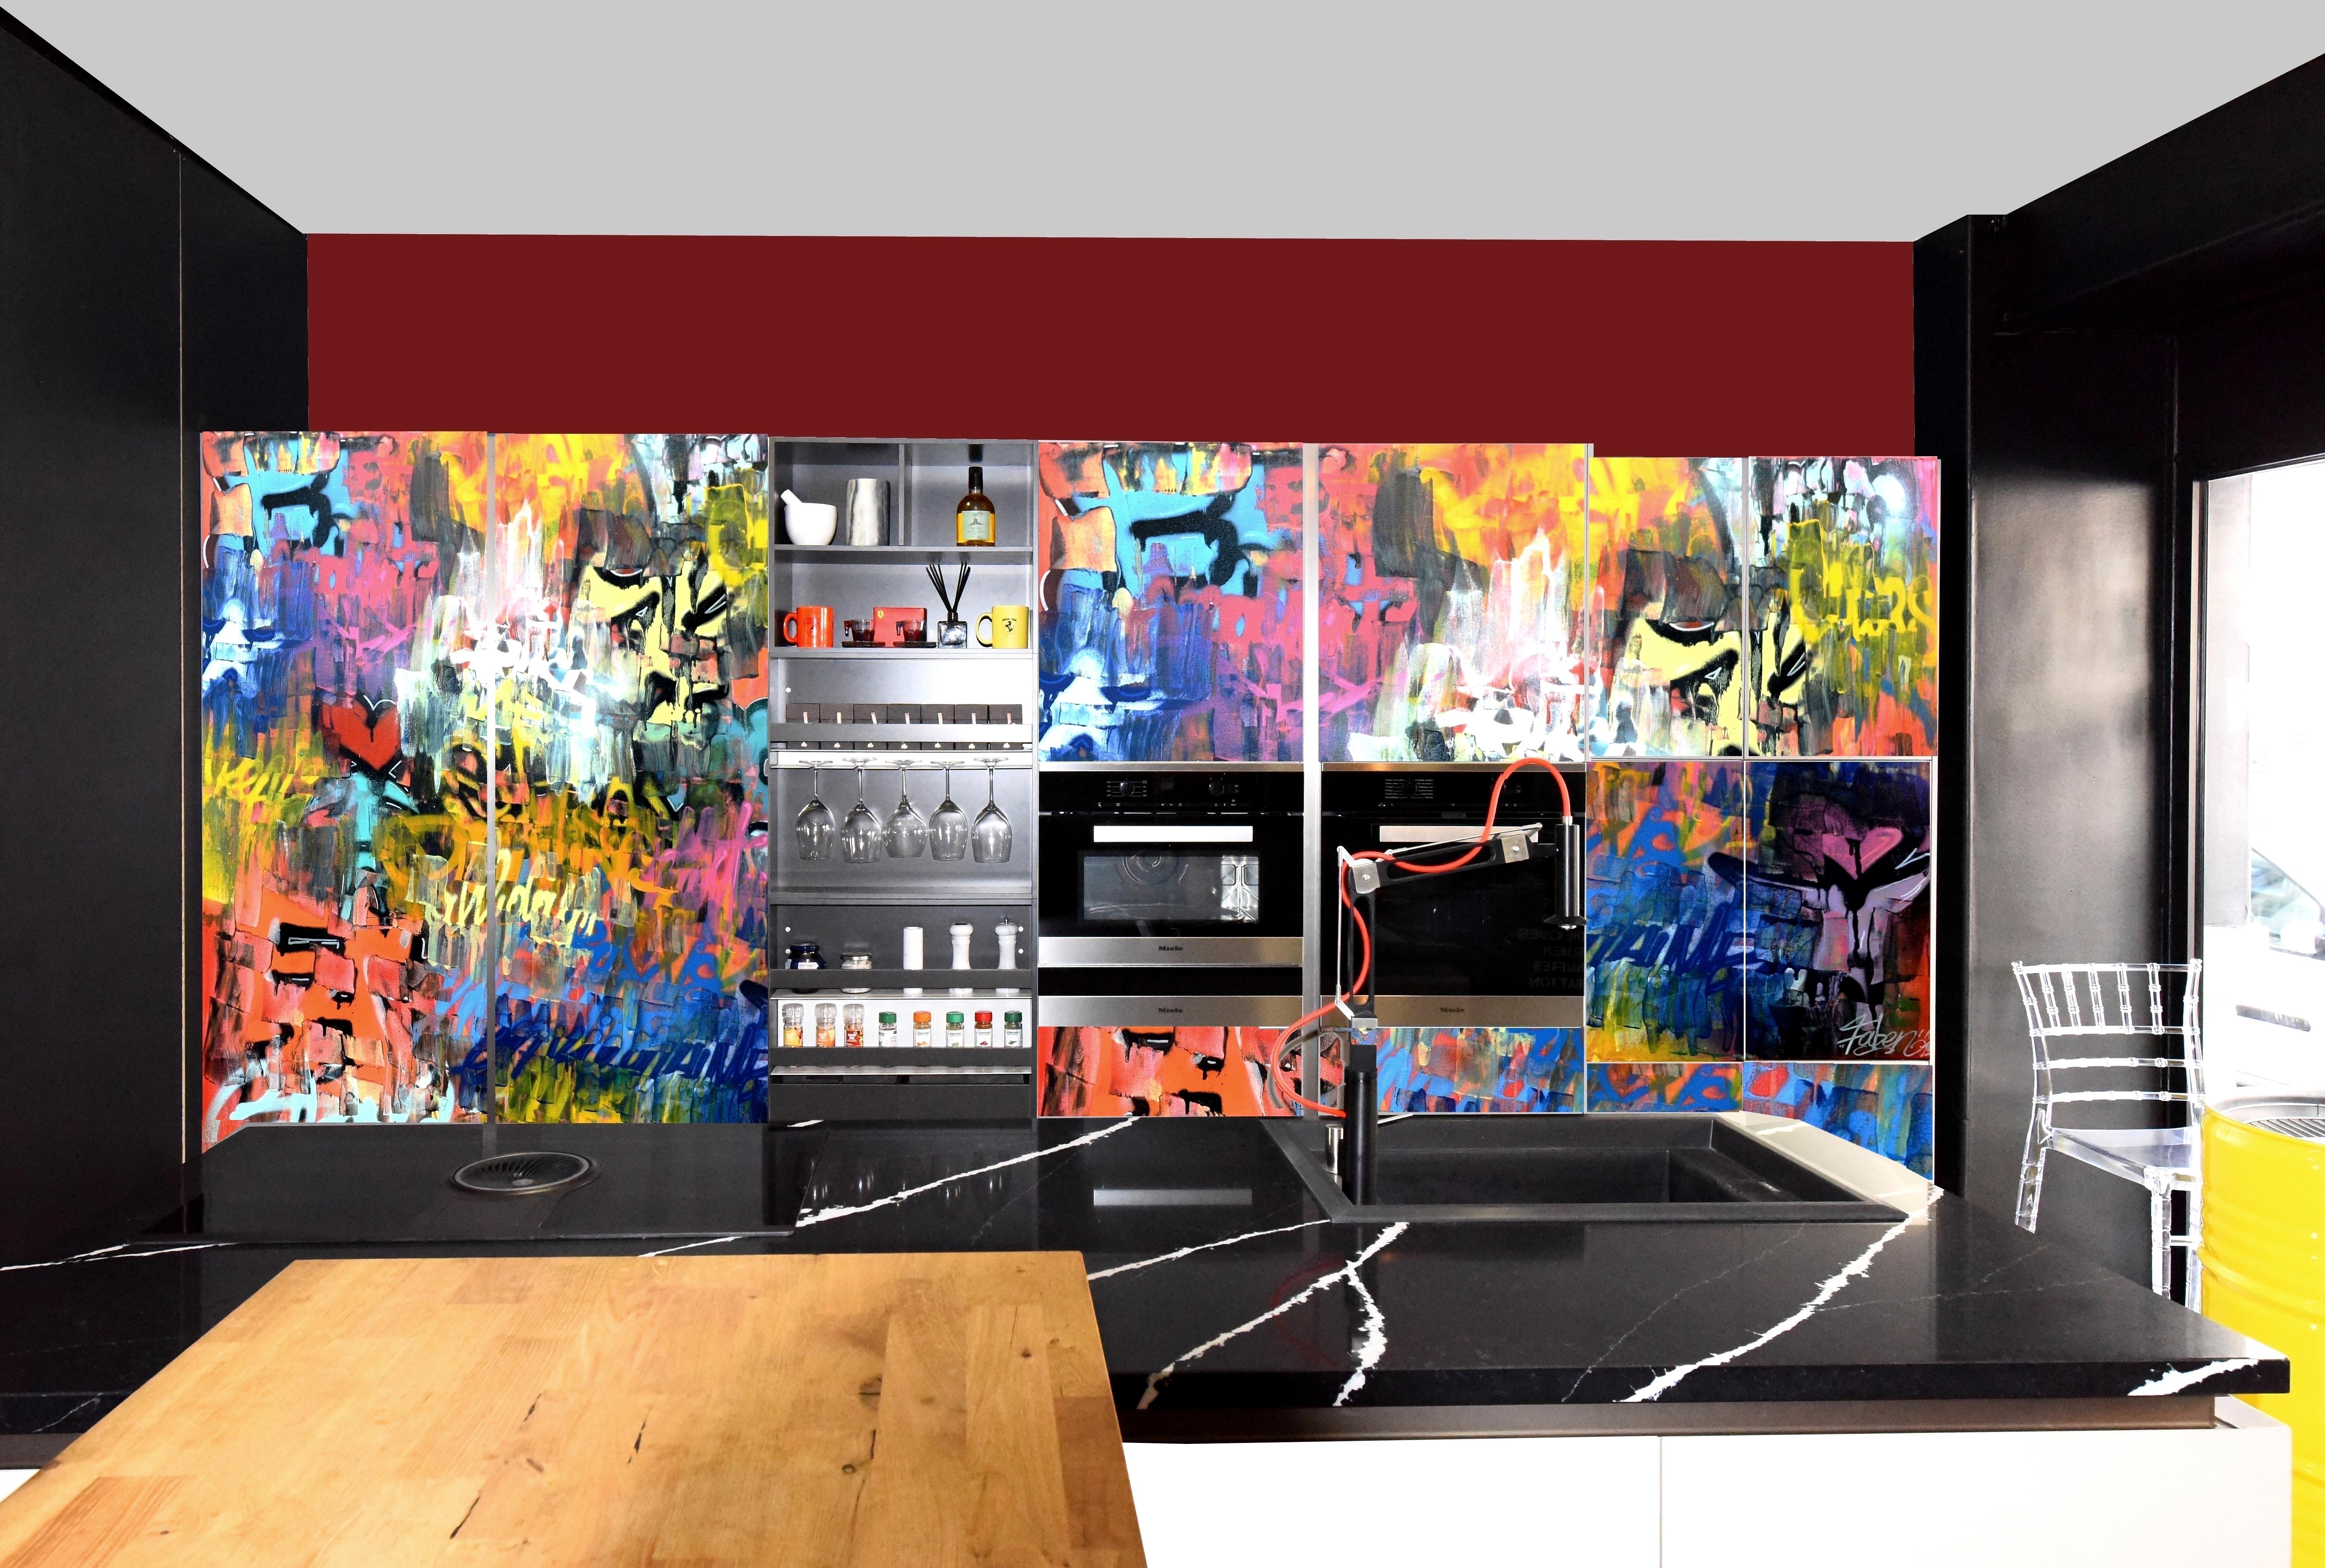 Cuisine design and Graff